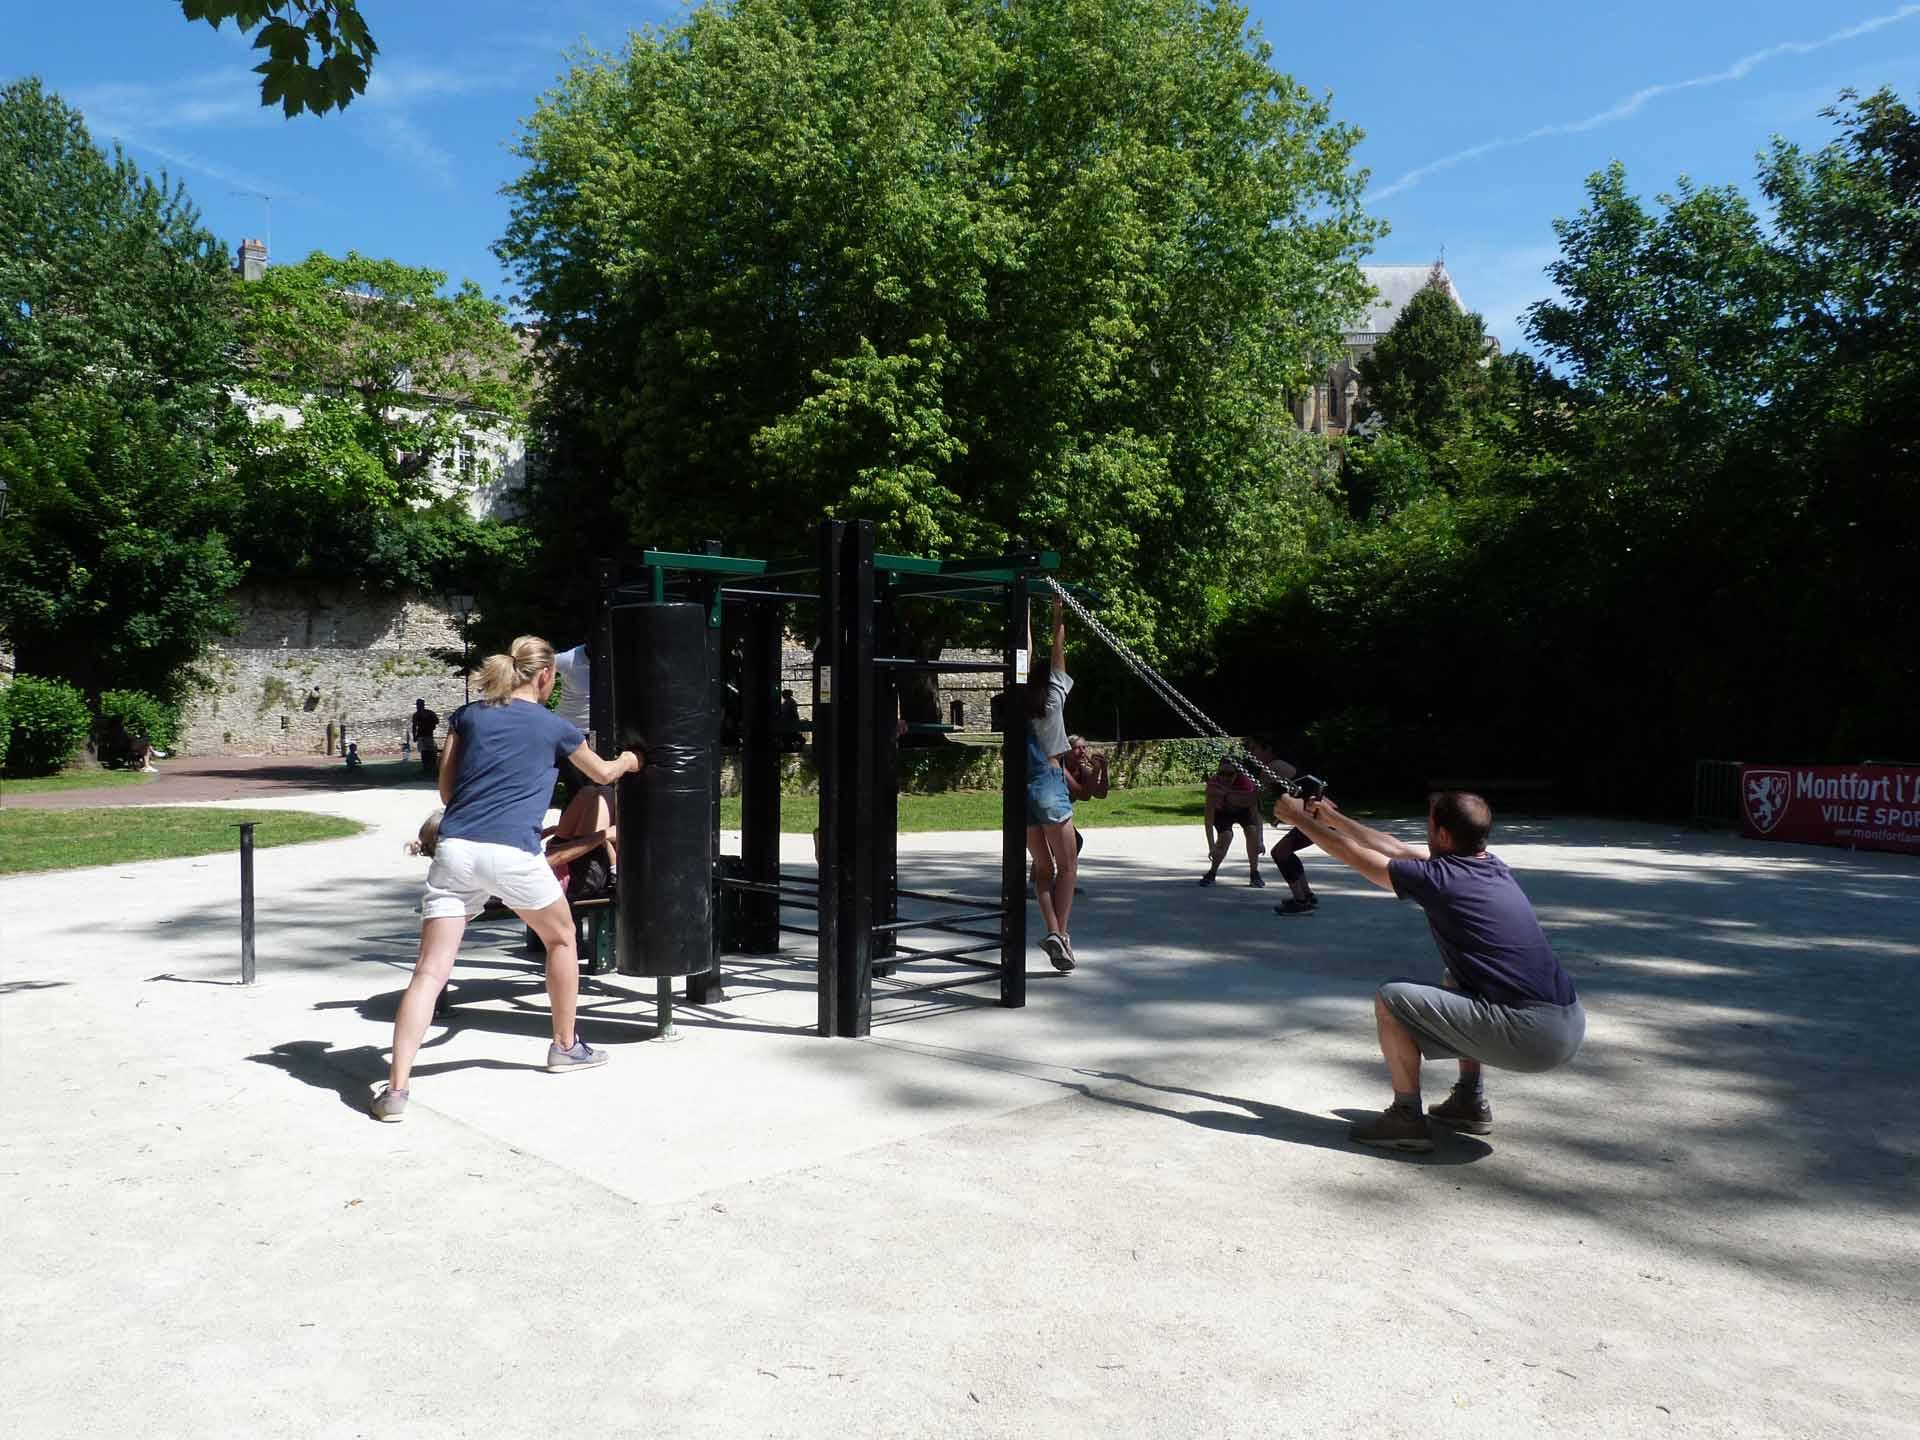 Photo de sportifs pratiquant sur l'aire fitness extérieure à Montfort l'Amaury